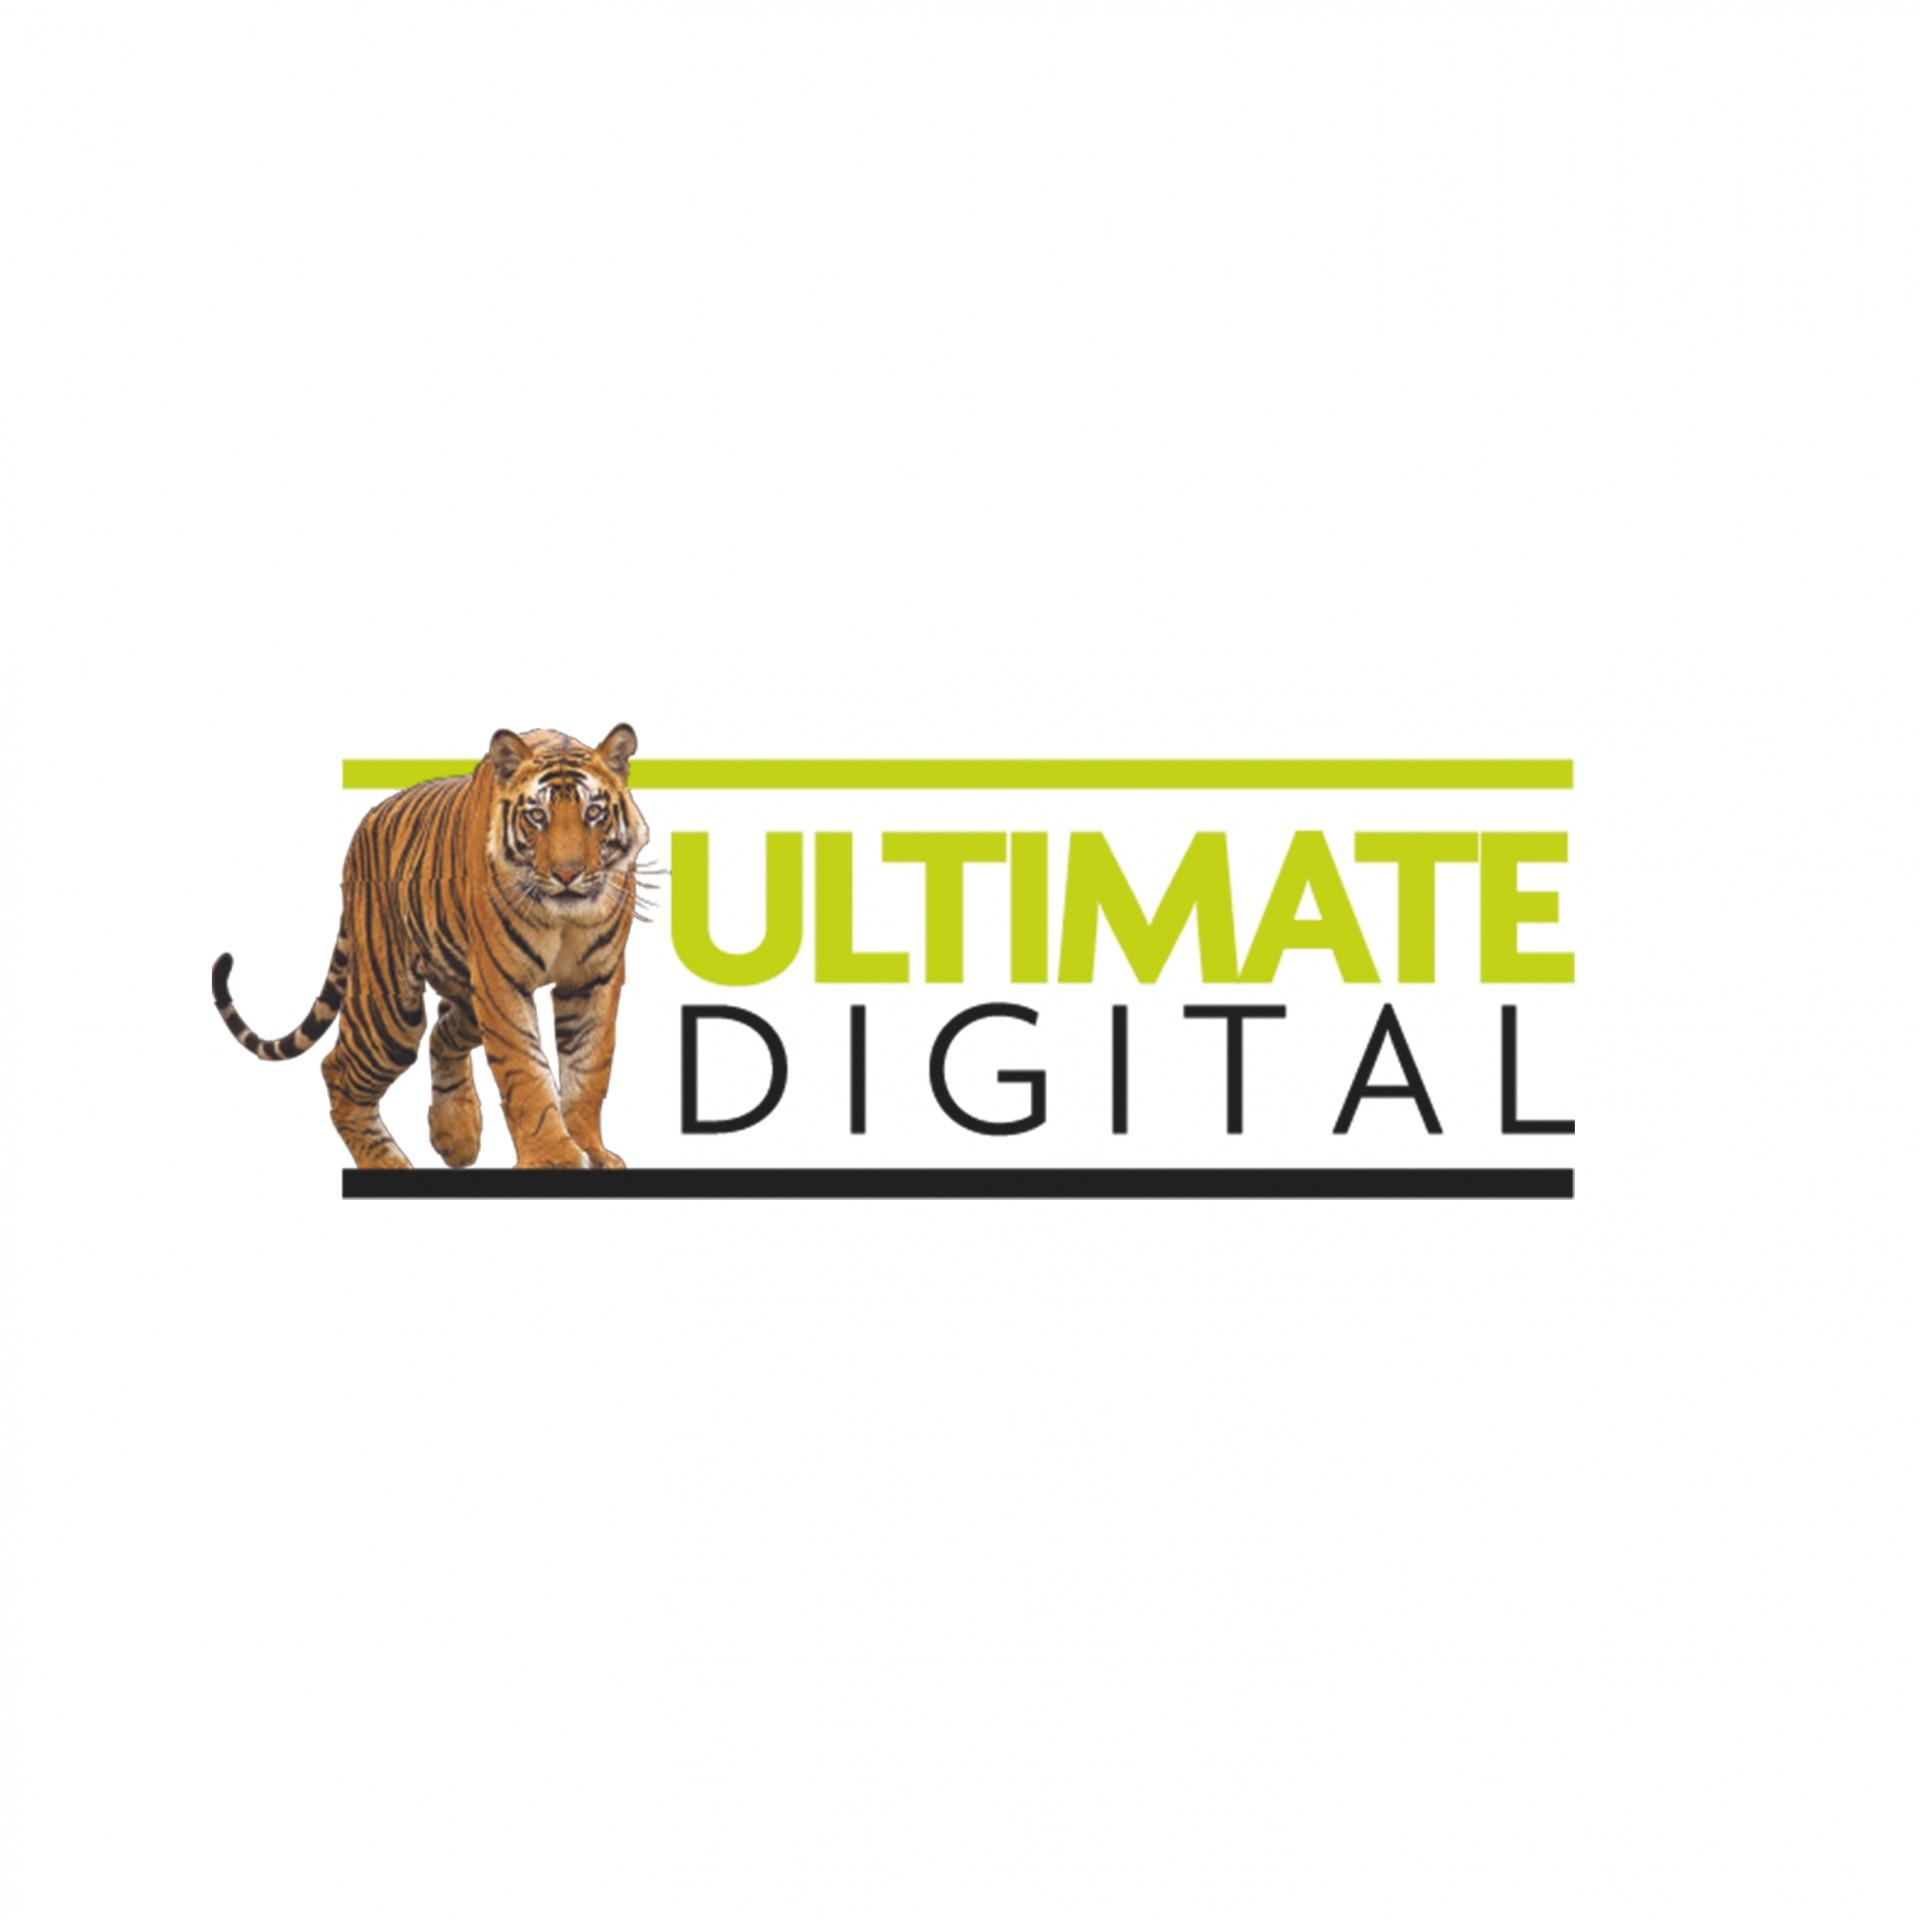 Ultimate Digital